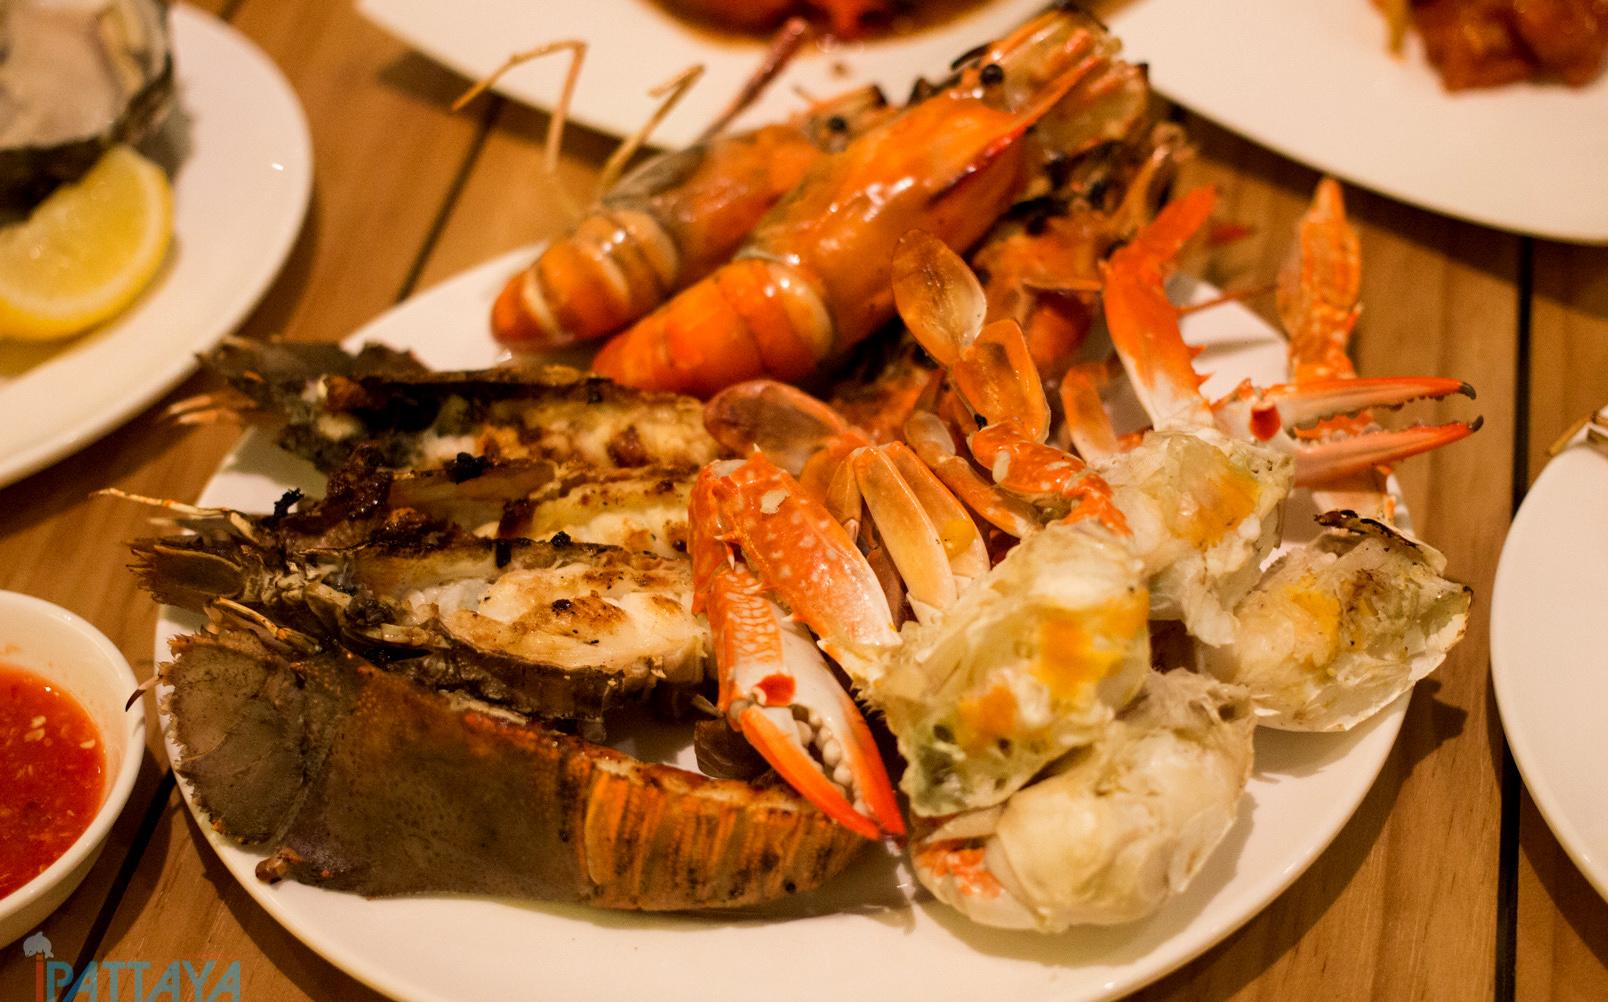 บฟเฟ่ต์ซีฟู้ดอาหารทะเลพัทยา Holiday inn14